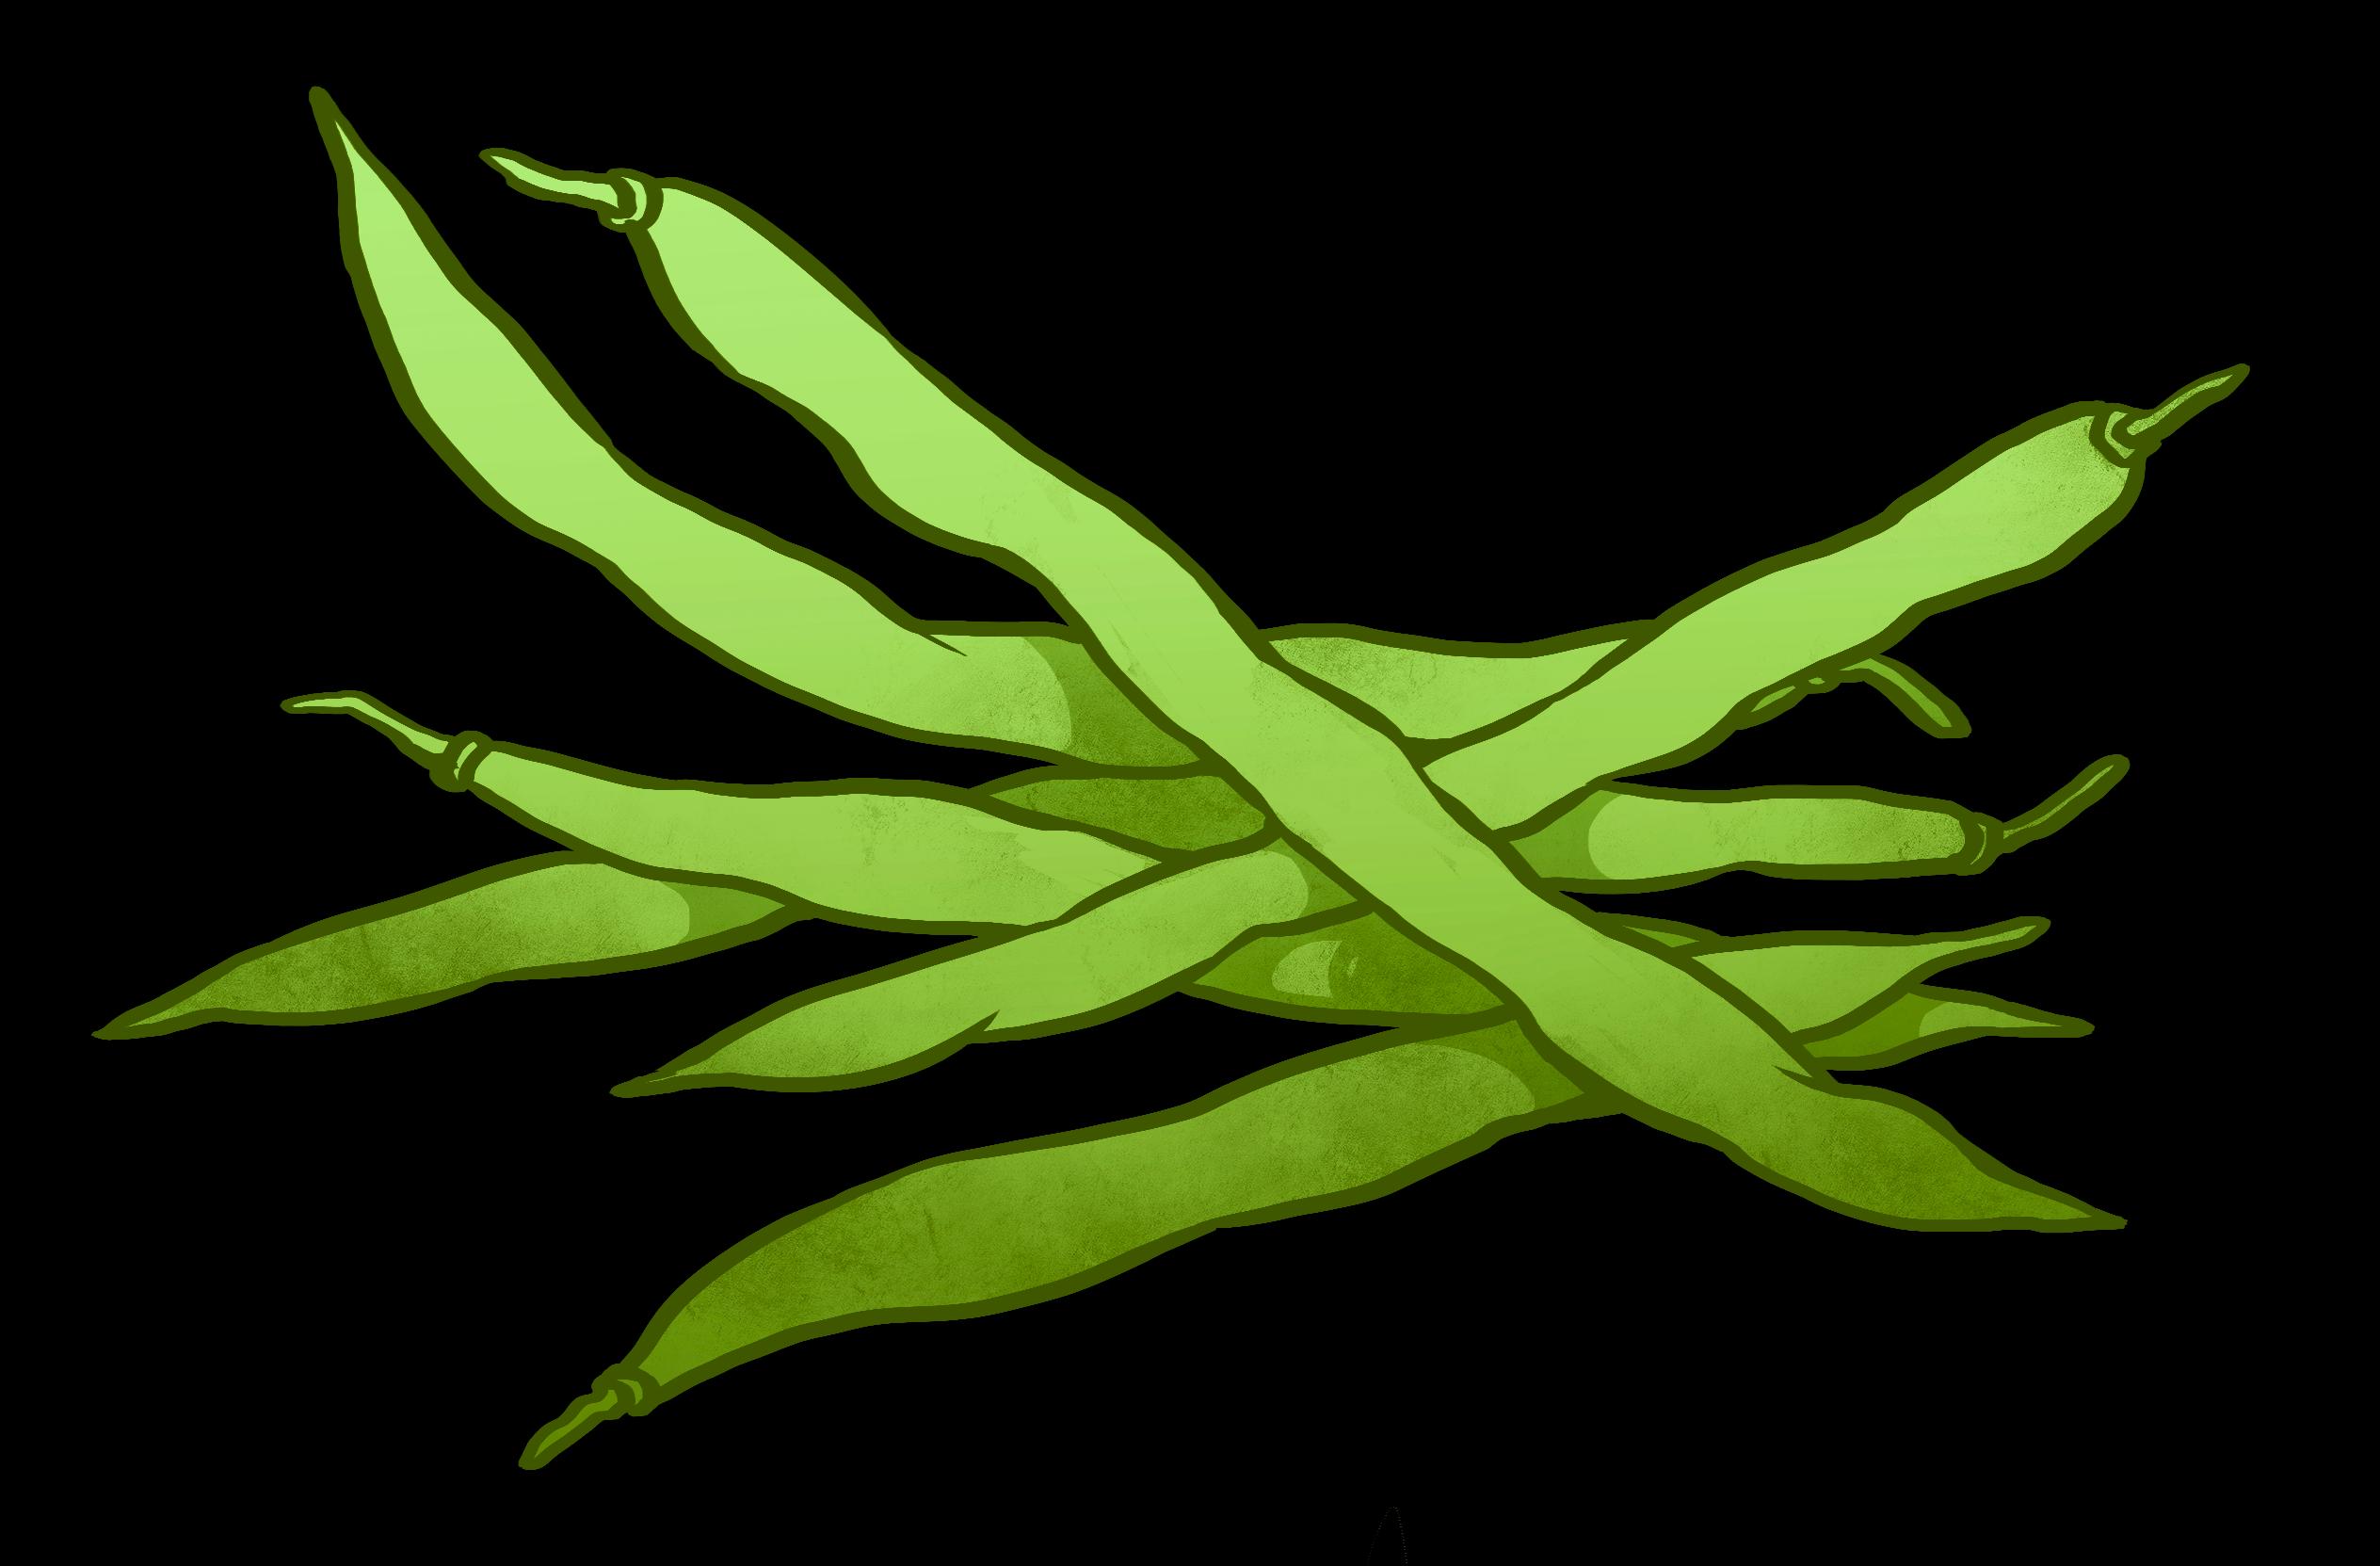 2528x1663 Green Beans Clipart